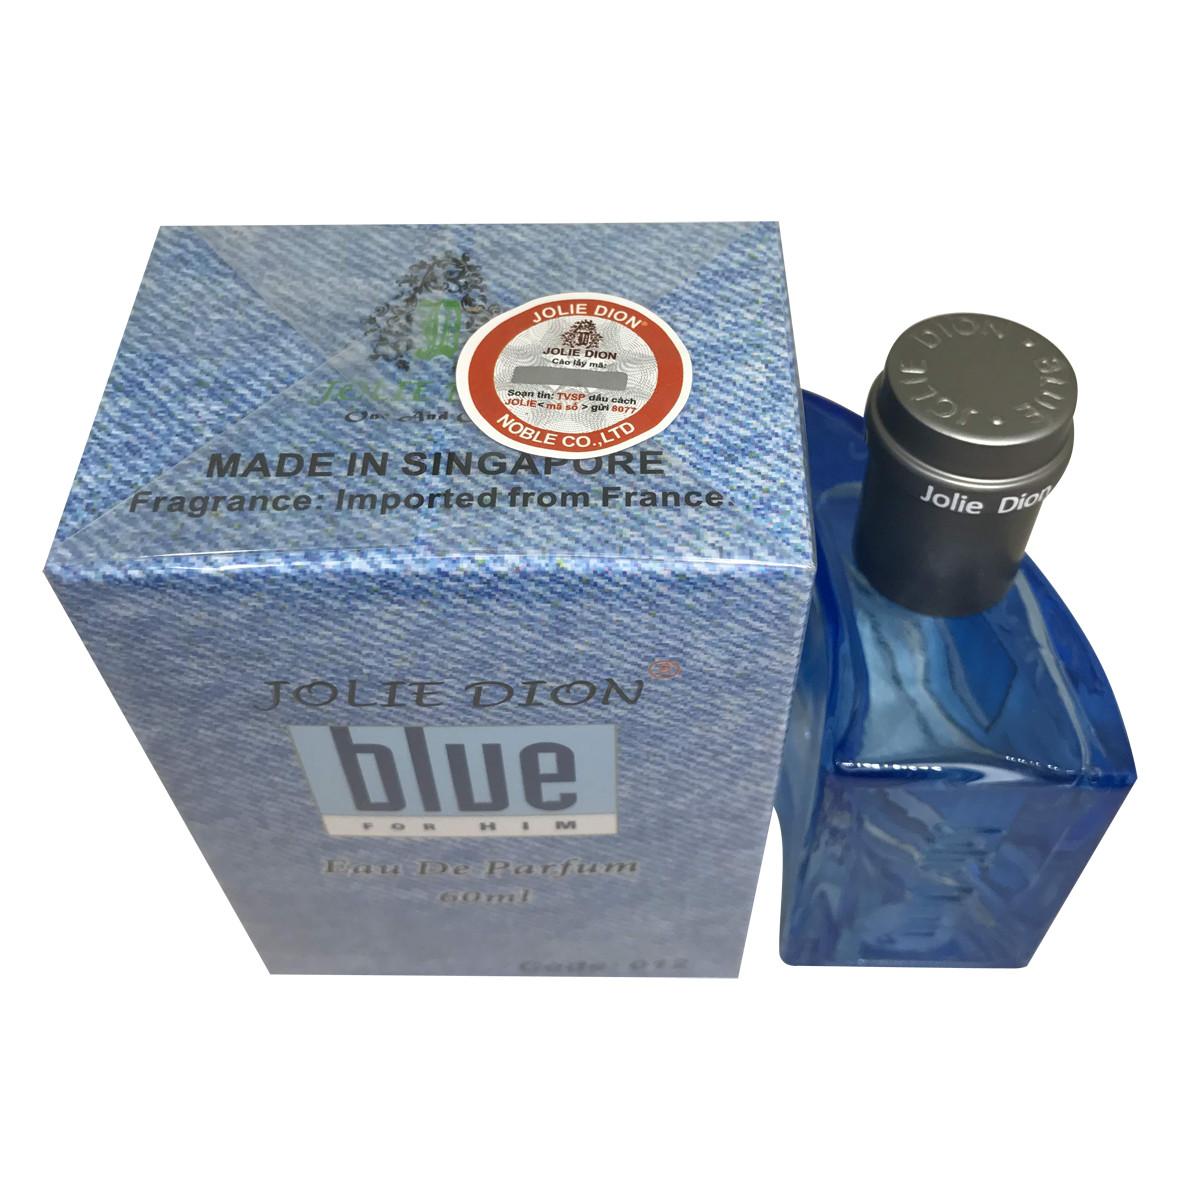 Nước hoa Blue Jolie Dion for Him Eau De Parfum 60ml (Code:012) Made in Singapore